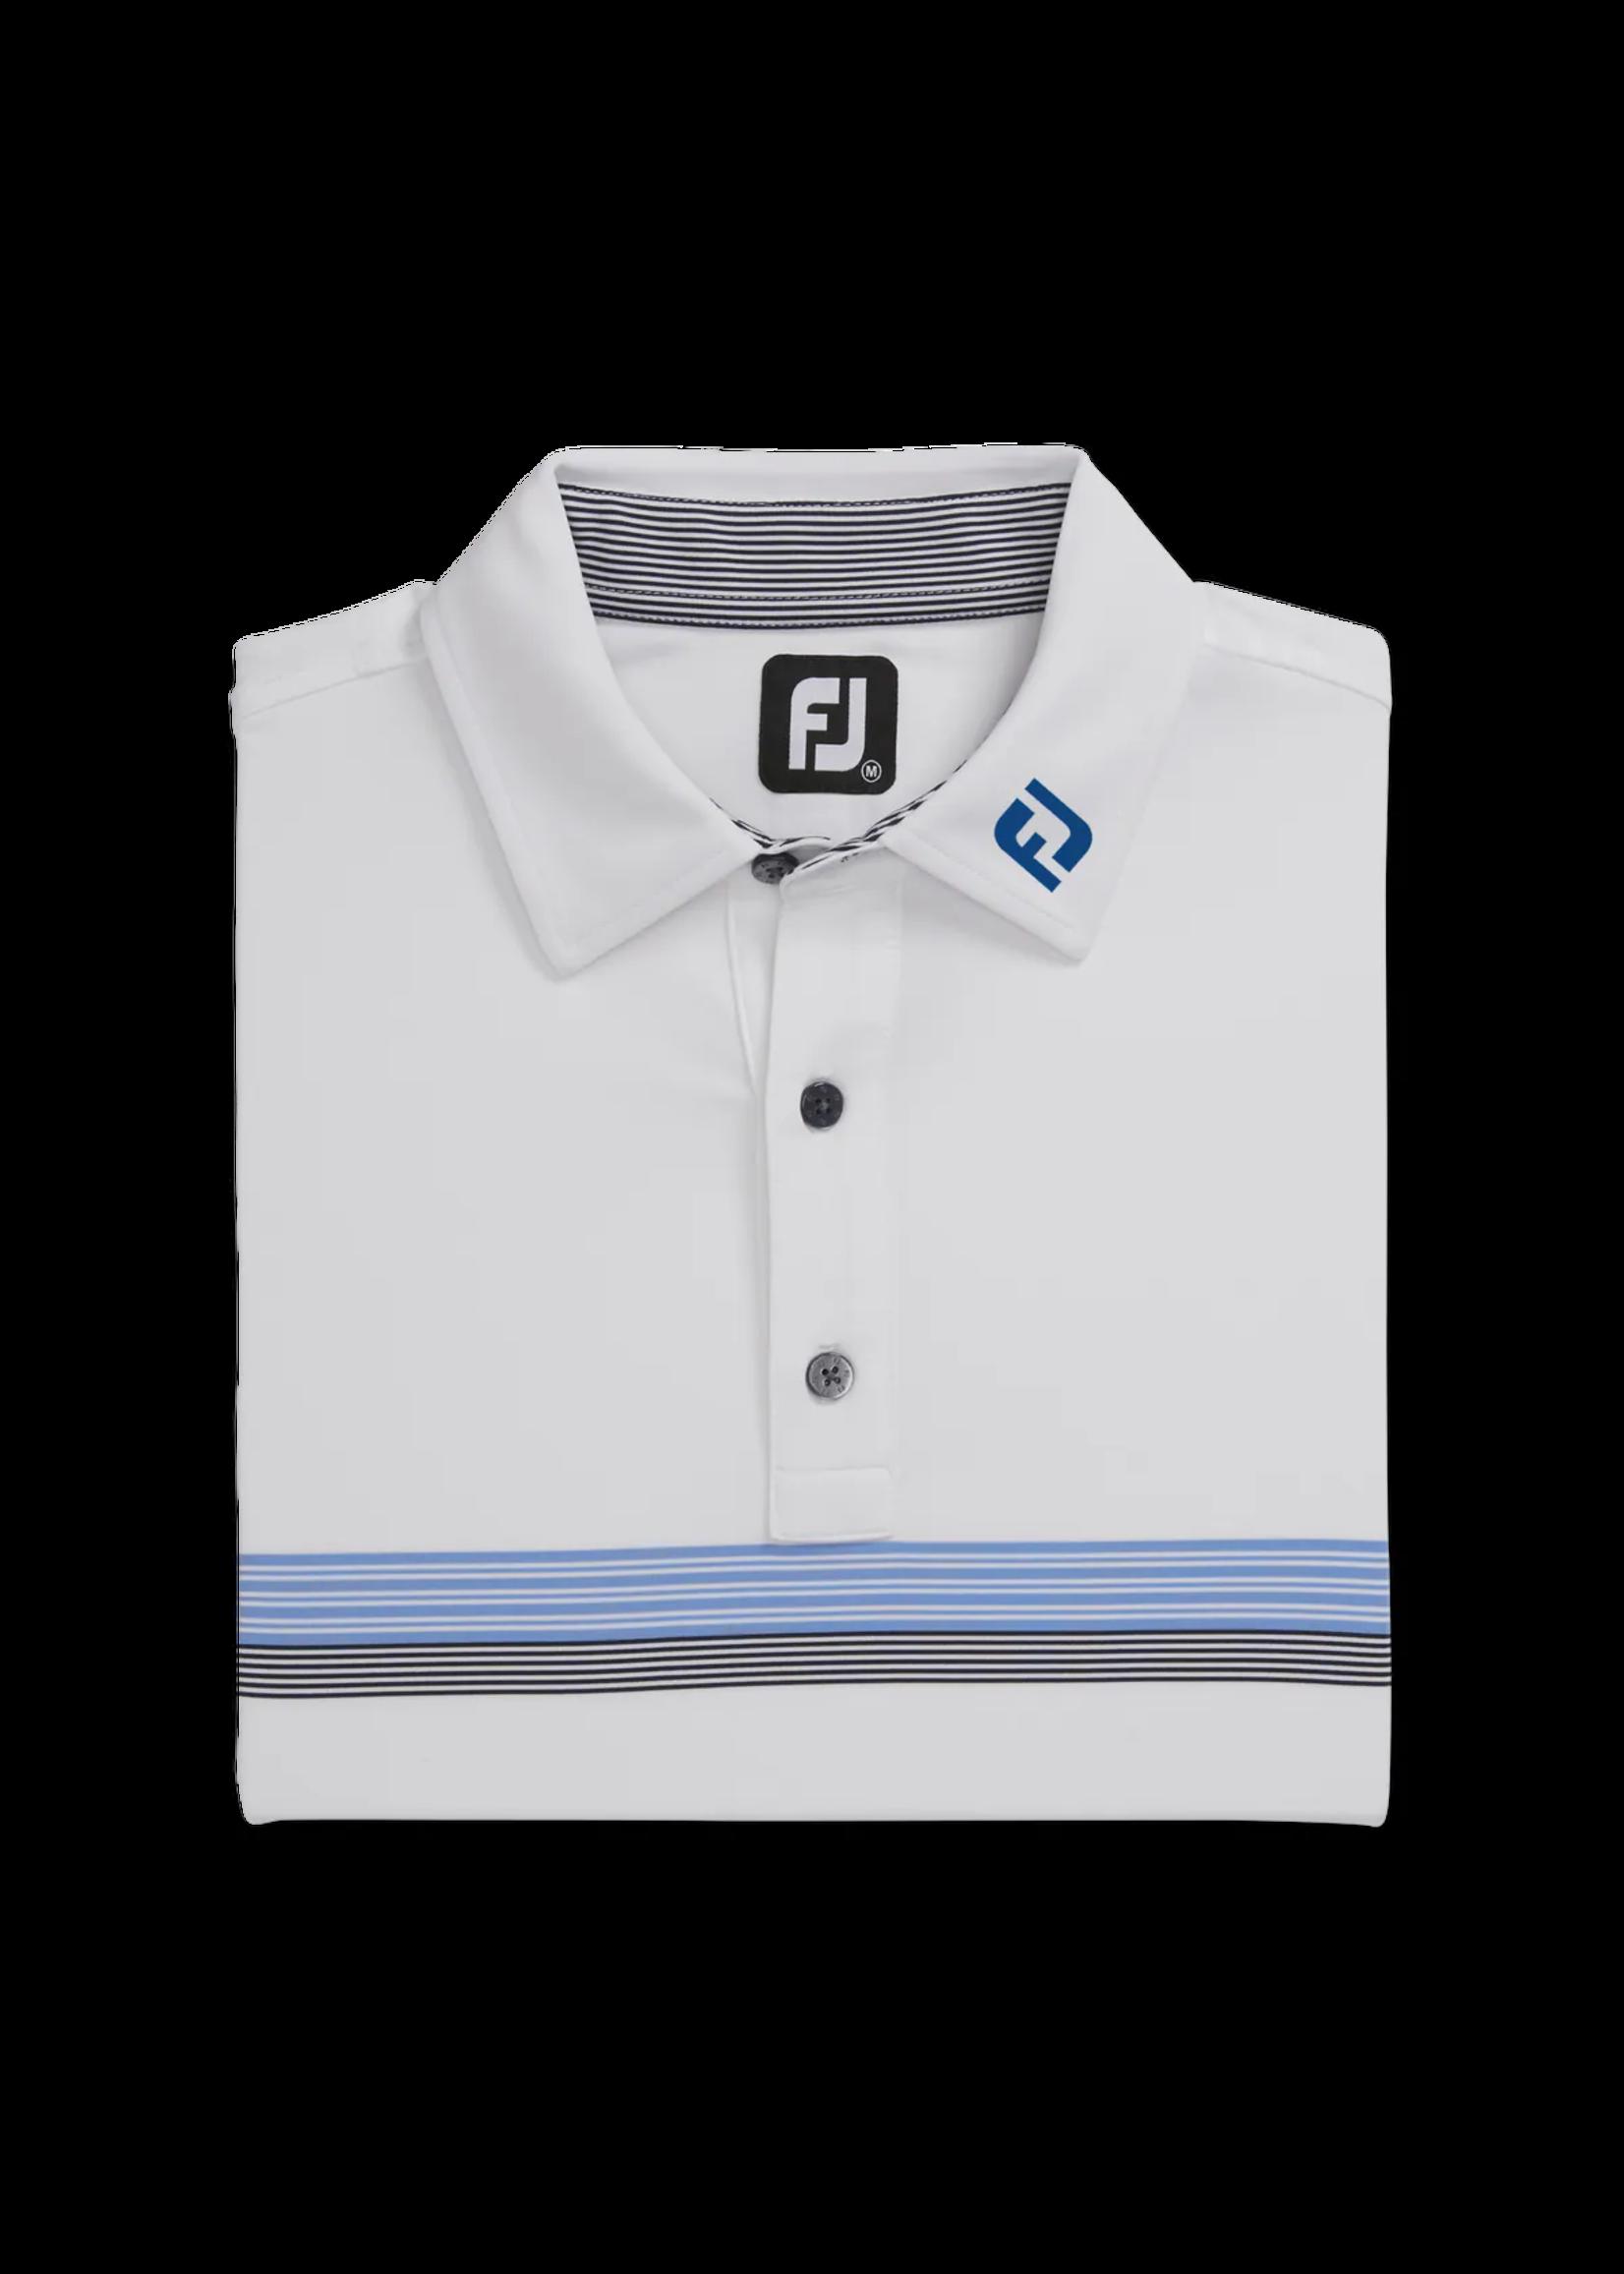 FJ Golf Shirt Lisle